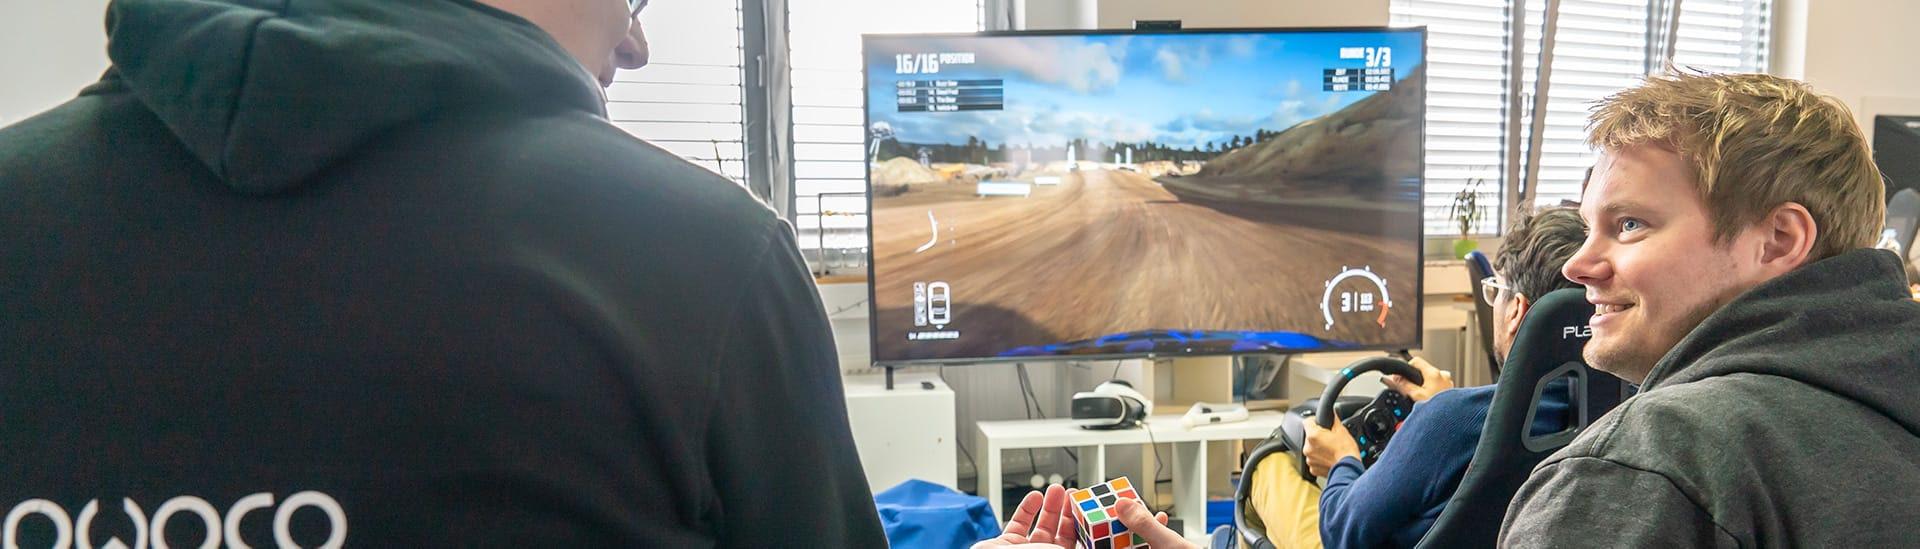 Mitarbeiter spielen ein Videospiel und mit einem Rubix Cube